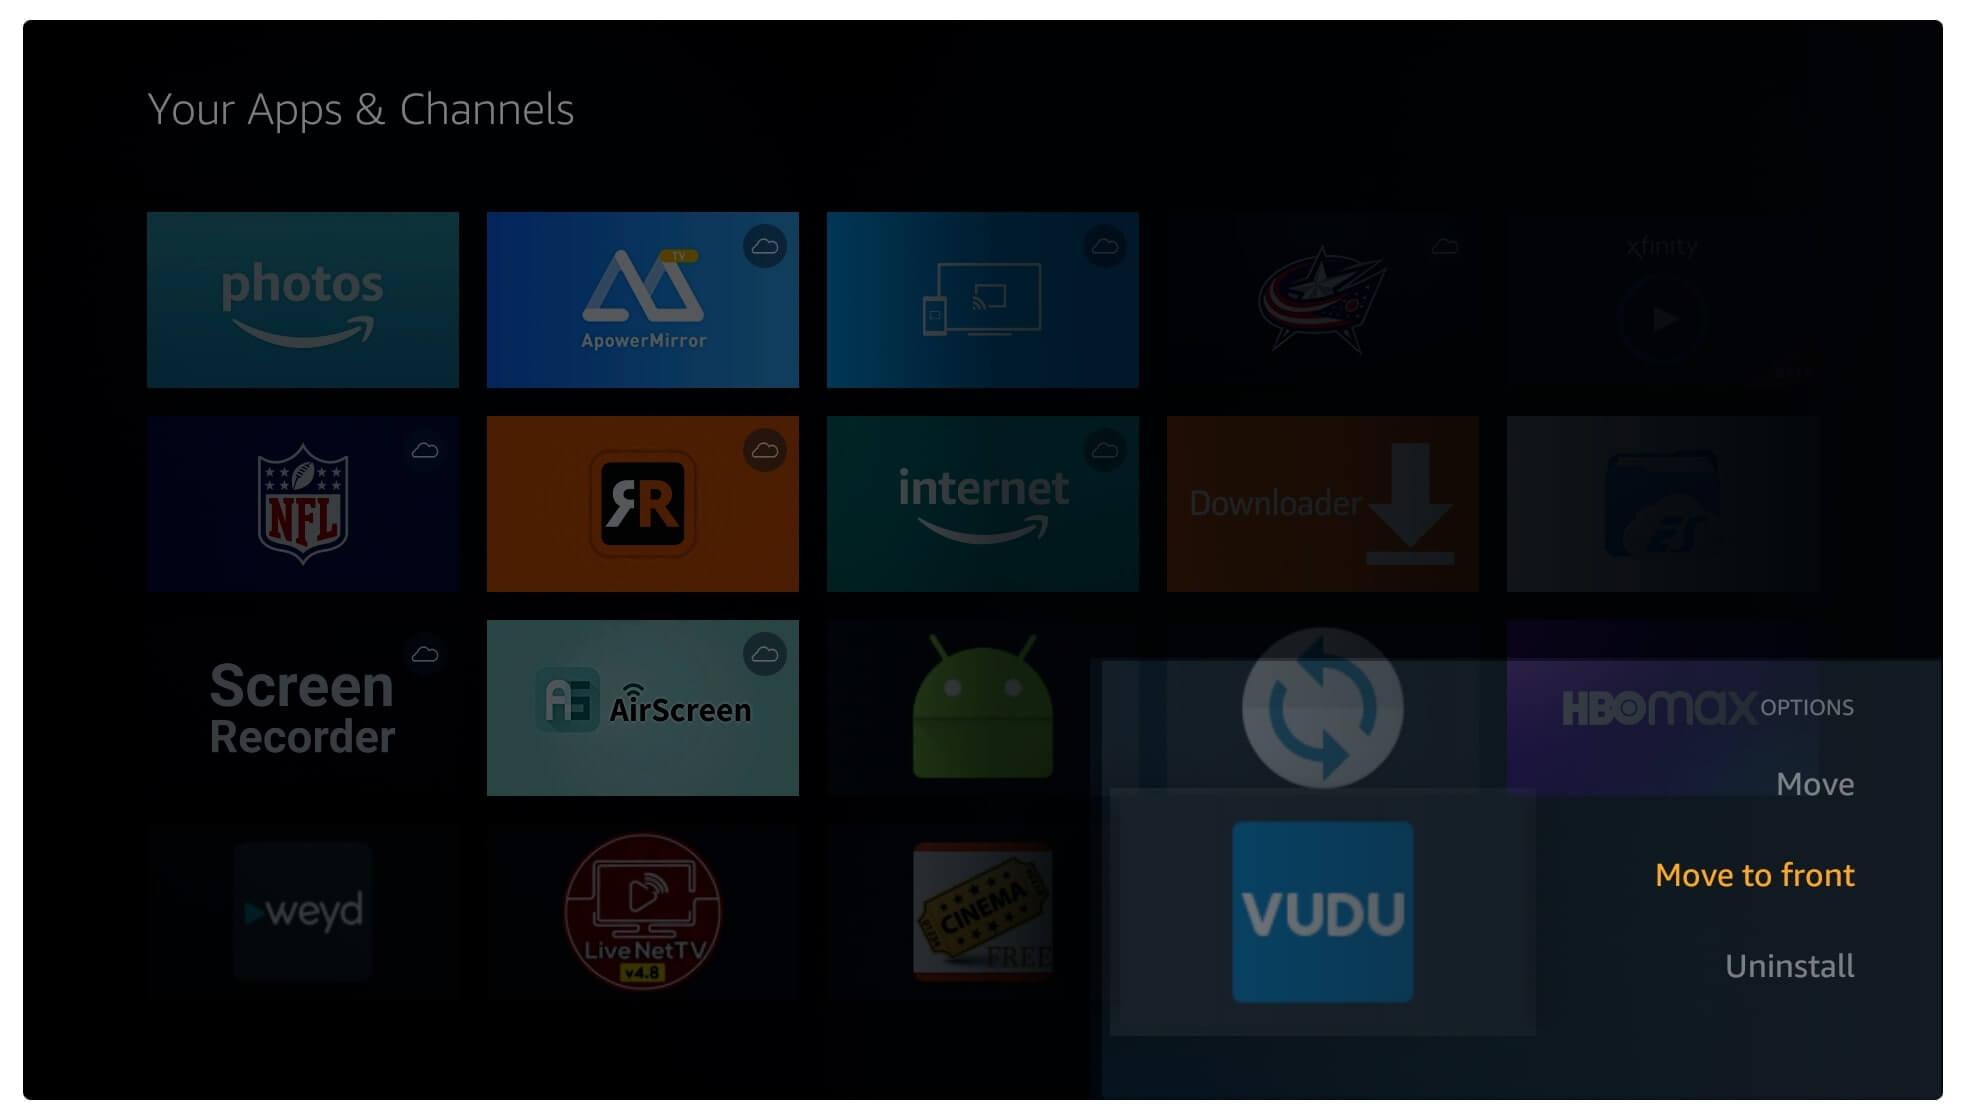 Vudu-App-on-Firestick-4k